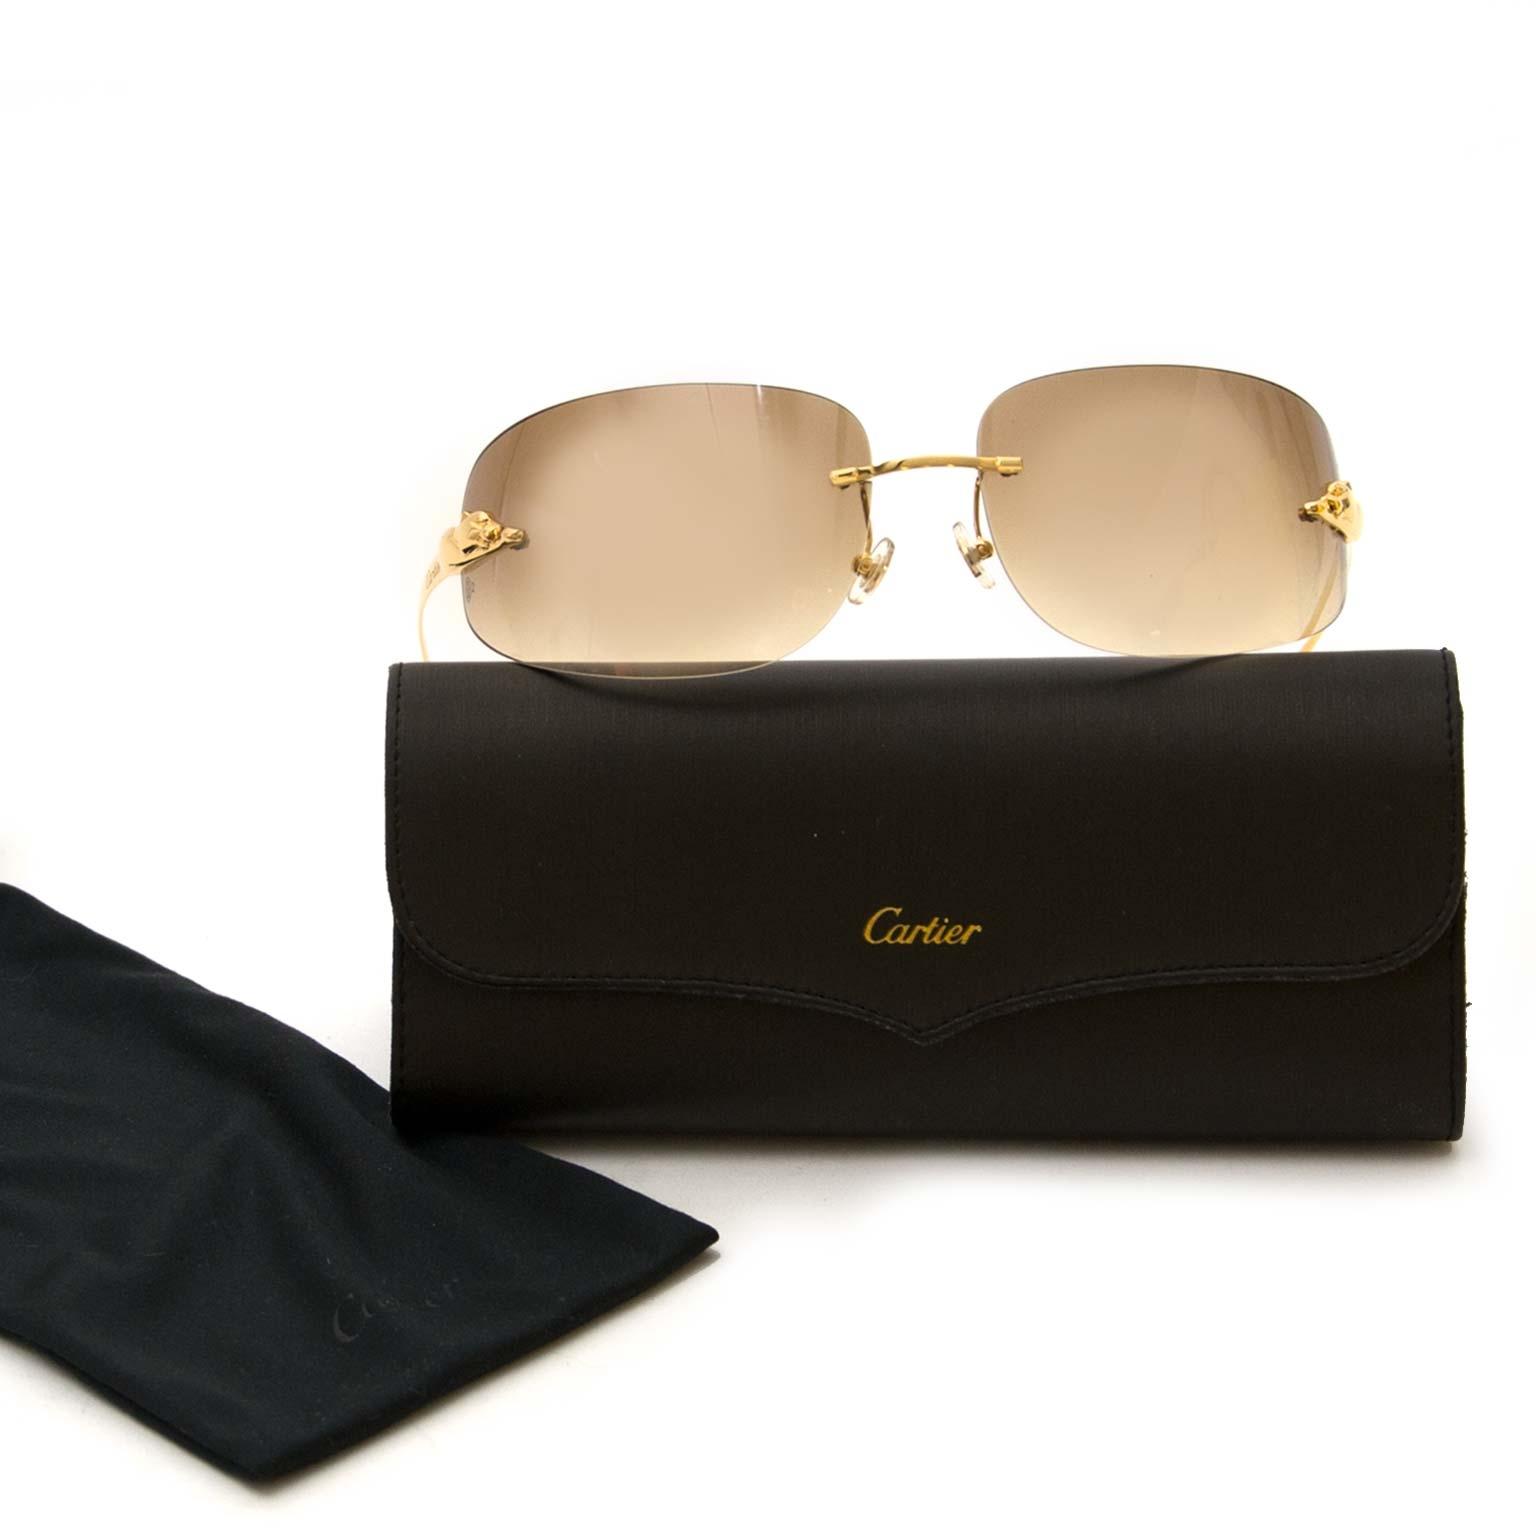 Authentic Panthère De Cartier sunglasses now at Labellov vintage webshop